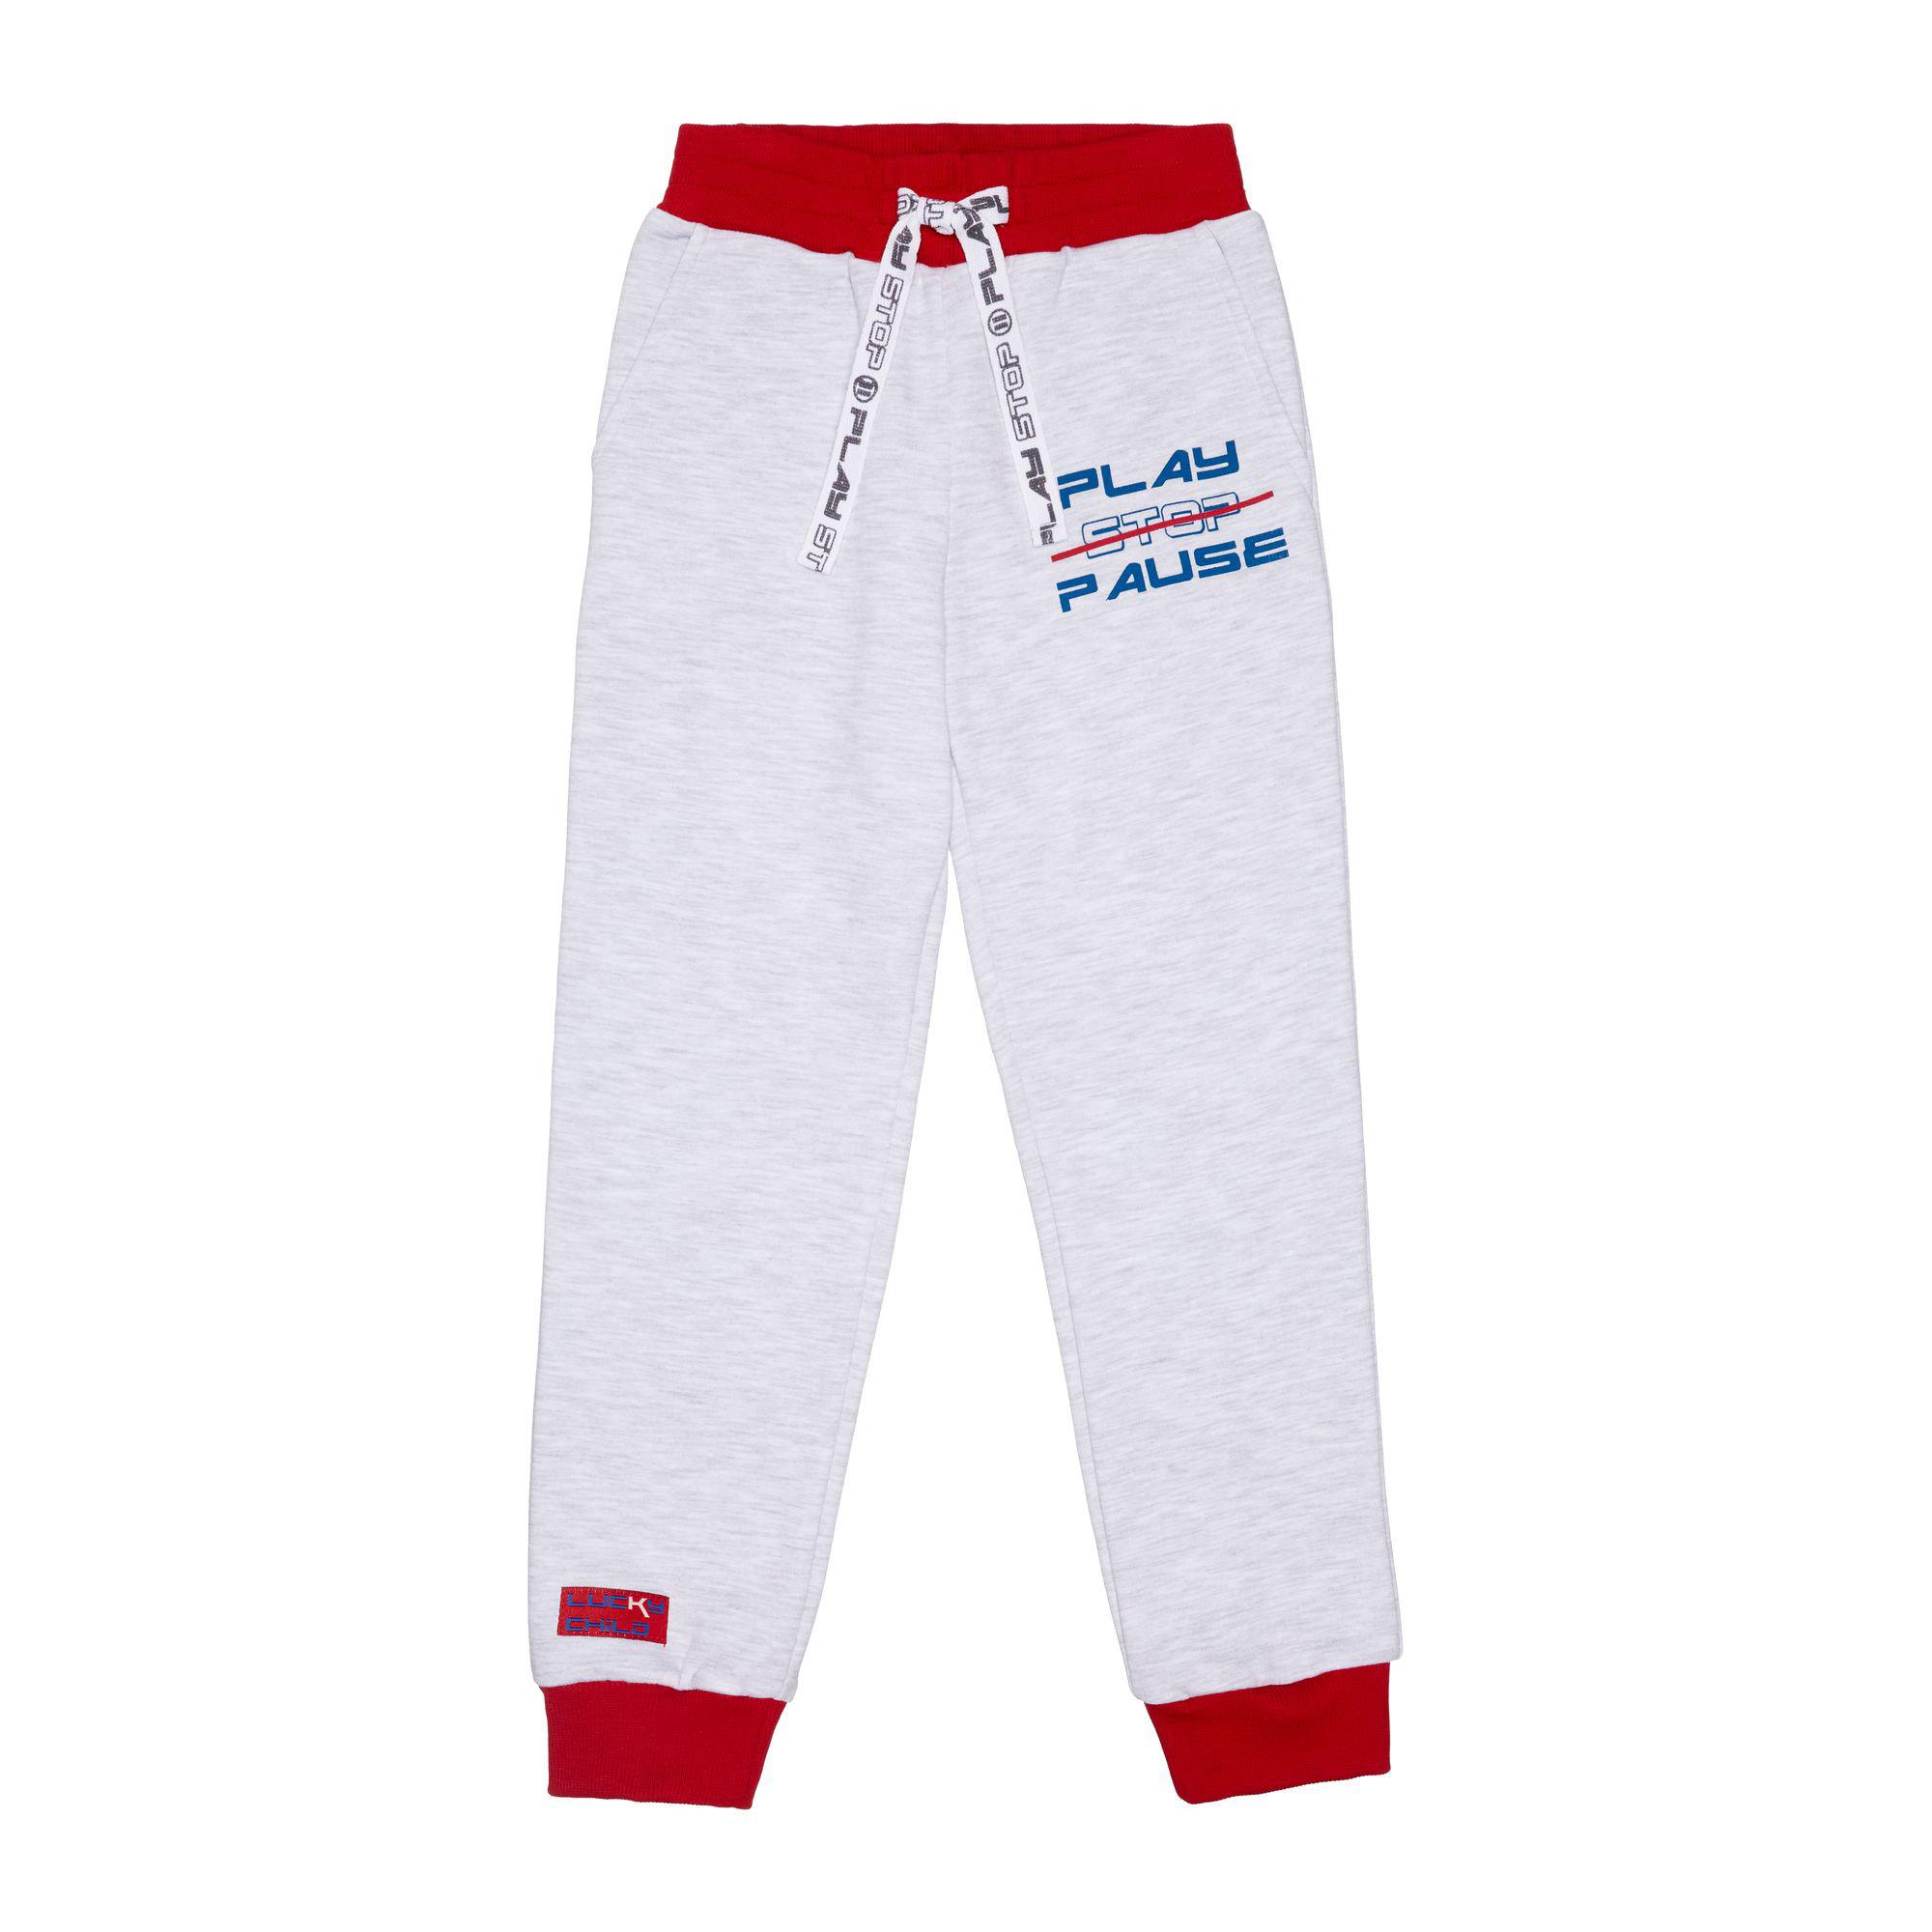 Спортивные брюки Lucky Child Больше пространства серые 104-110